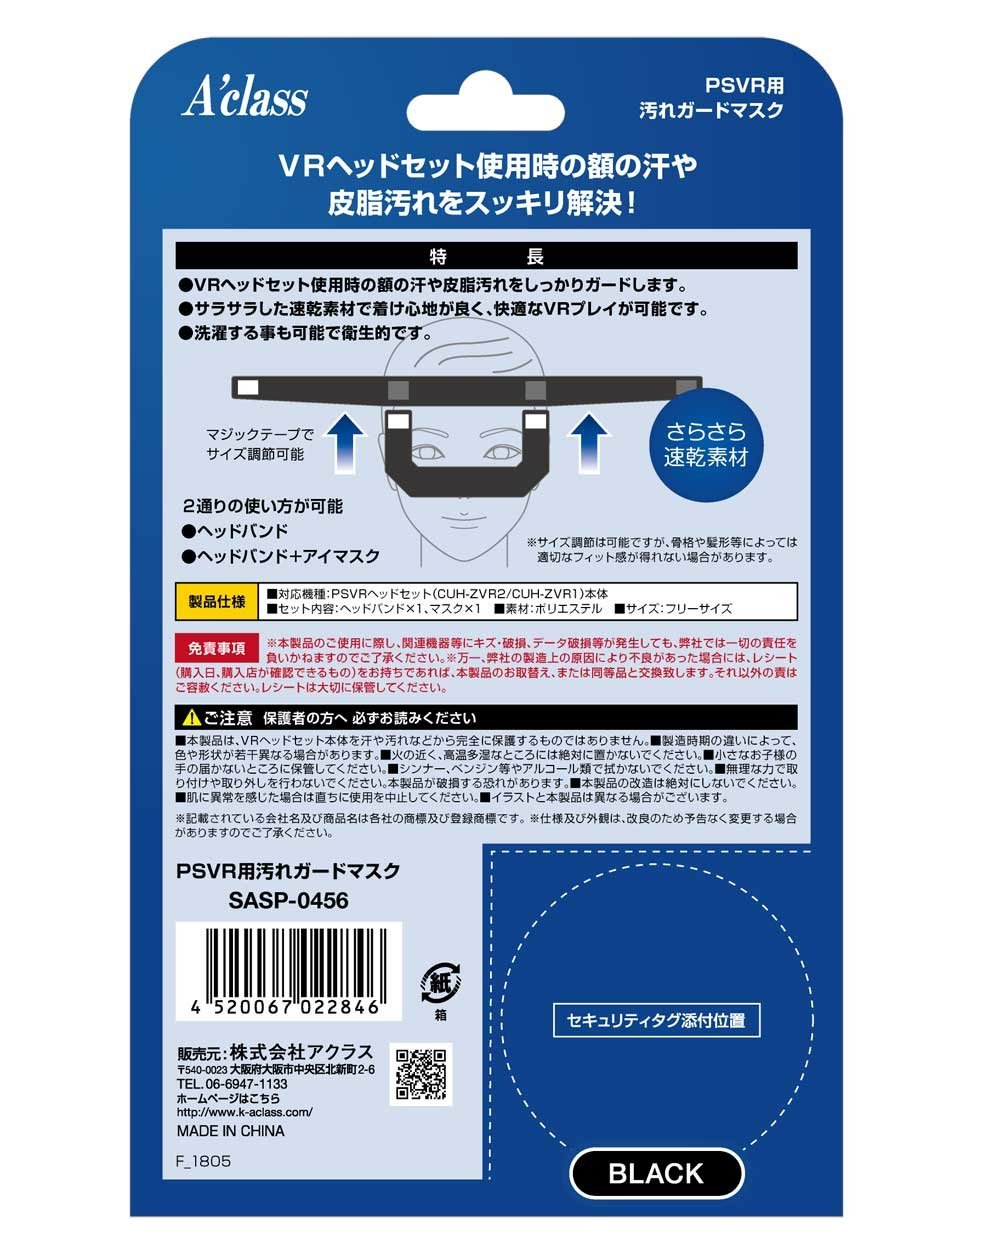 PSVR用汚れガードマスク